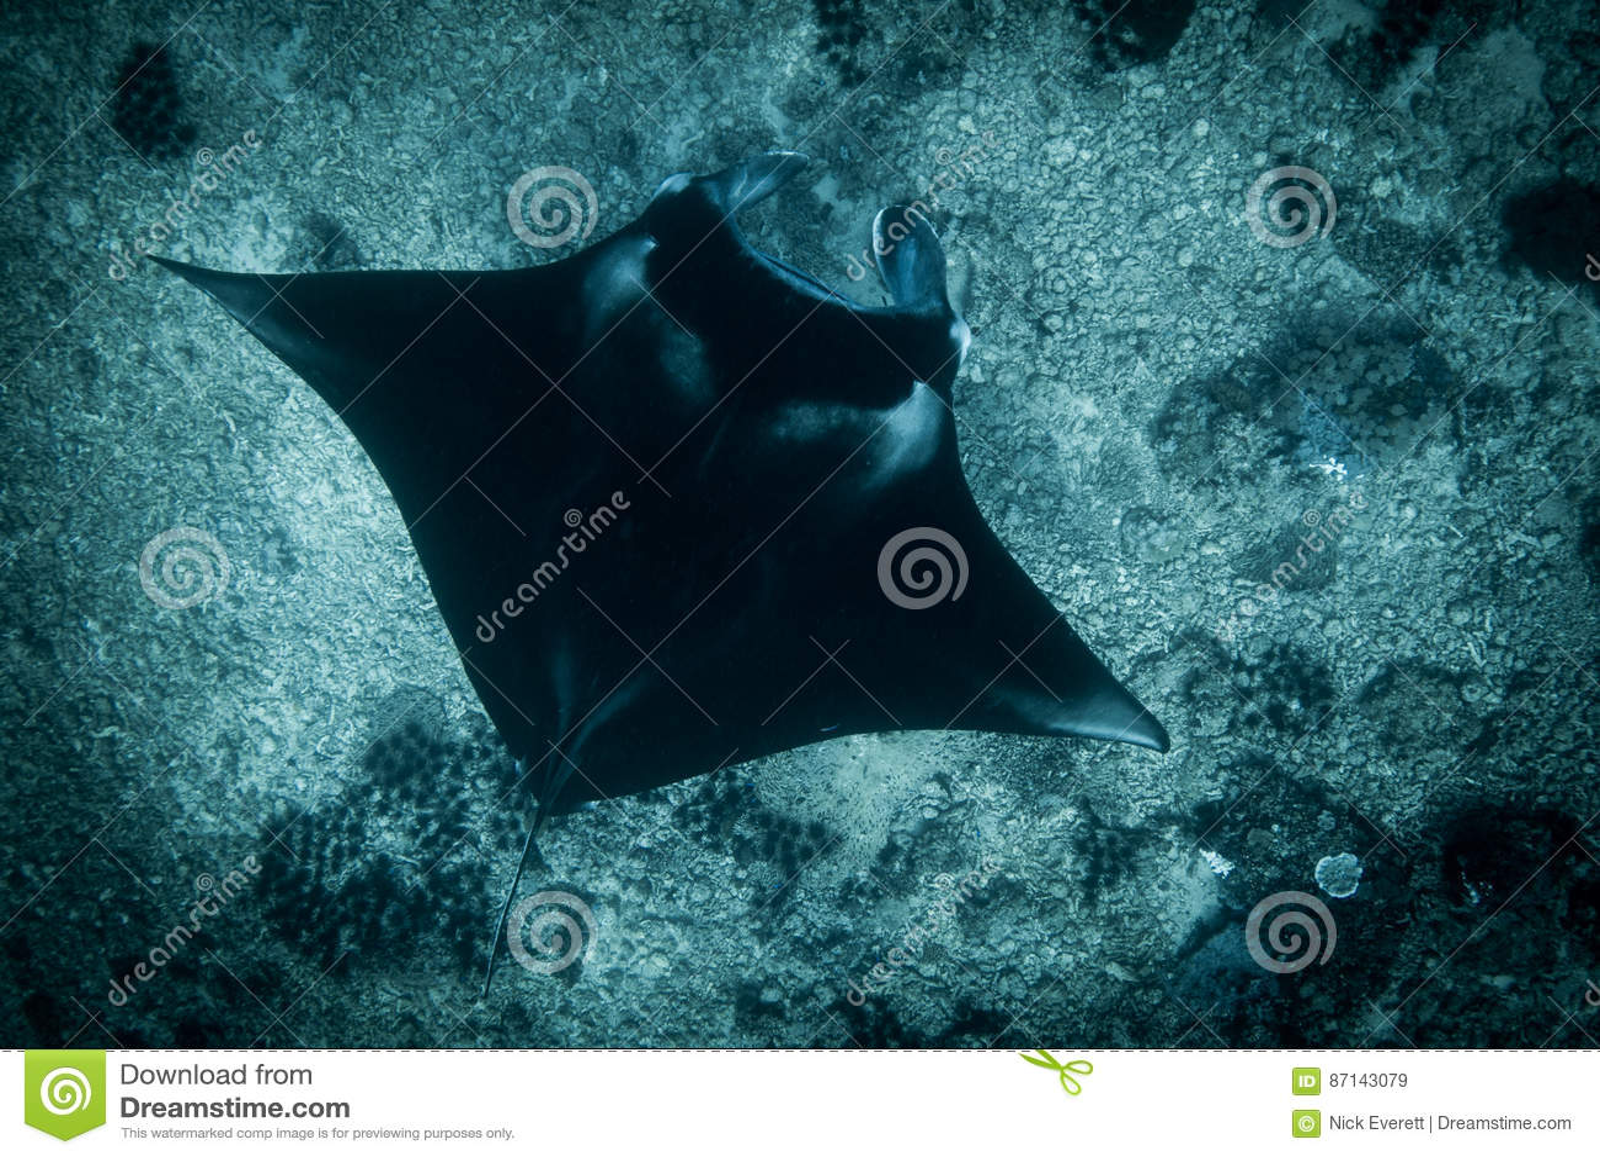 A Manta Ray at manta point